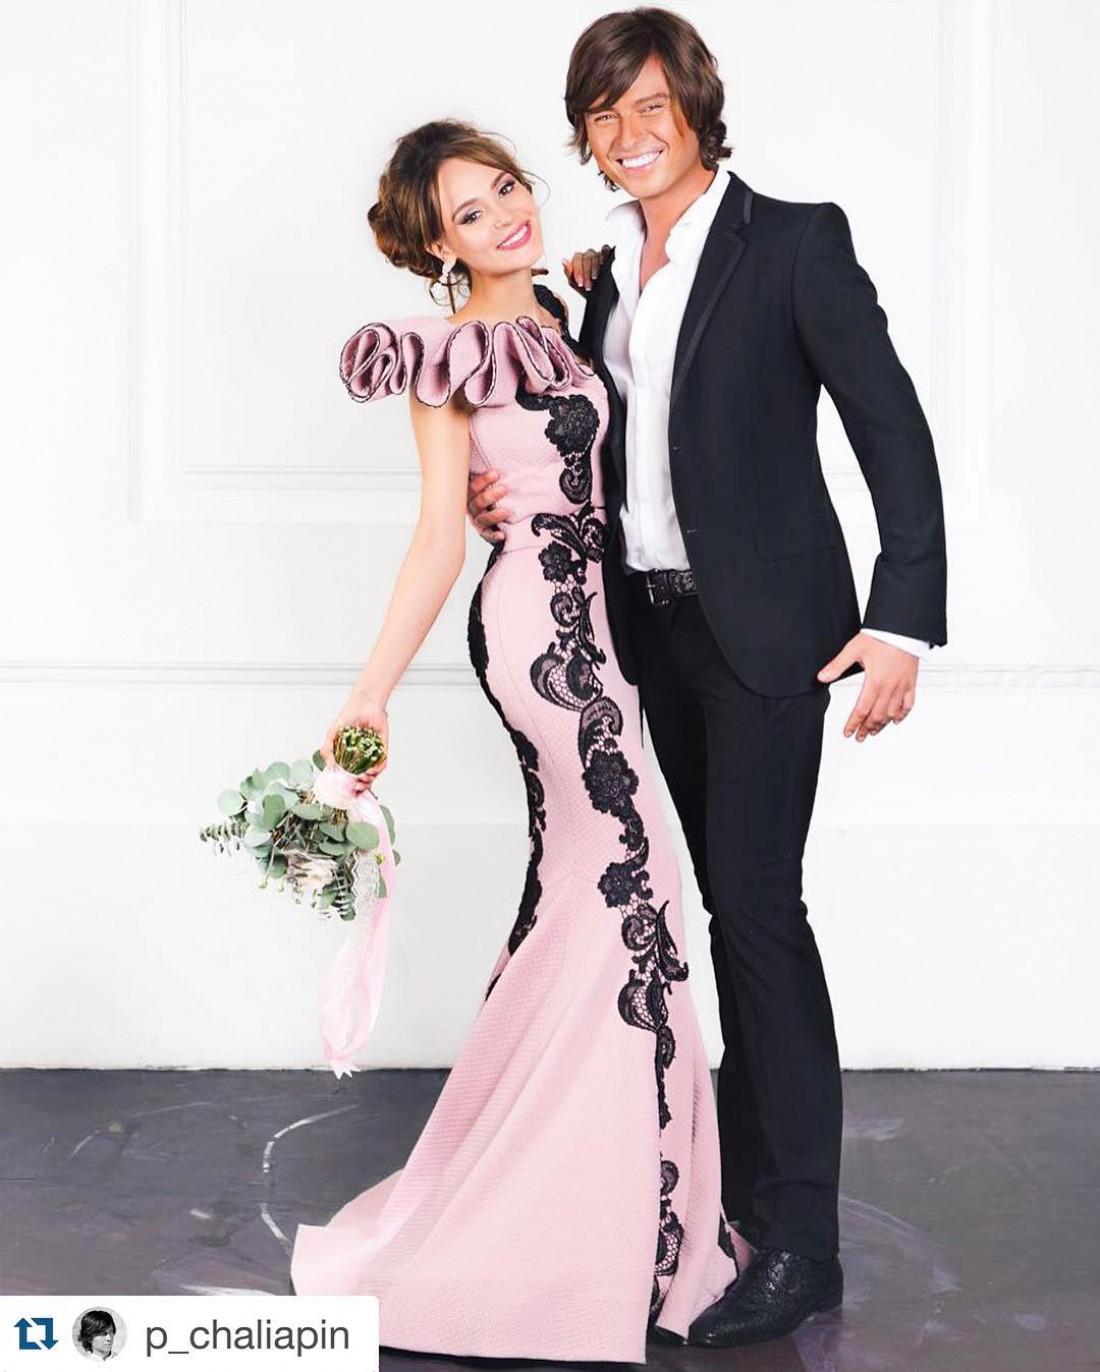 Анна с Прохором Шаляпиным. Калашникова думает выбрать такой – нежно-розовой цвет свадебных нарядов.